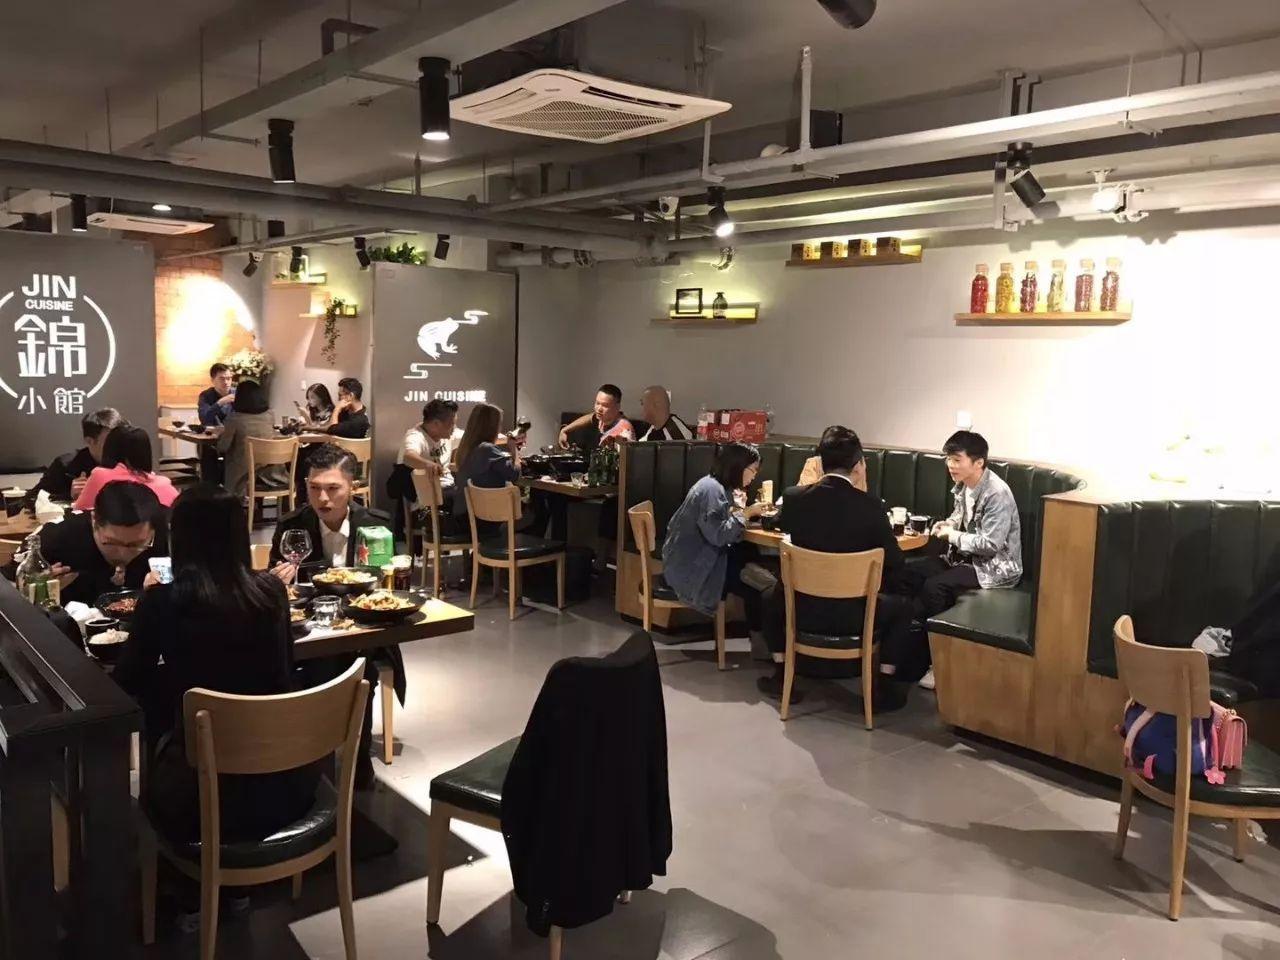 上海调整外国人就业证、外国专家证延期等业务办理方式